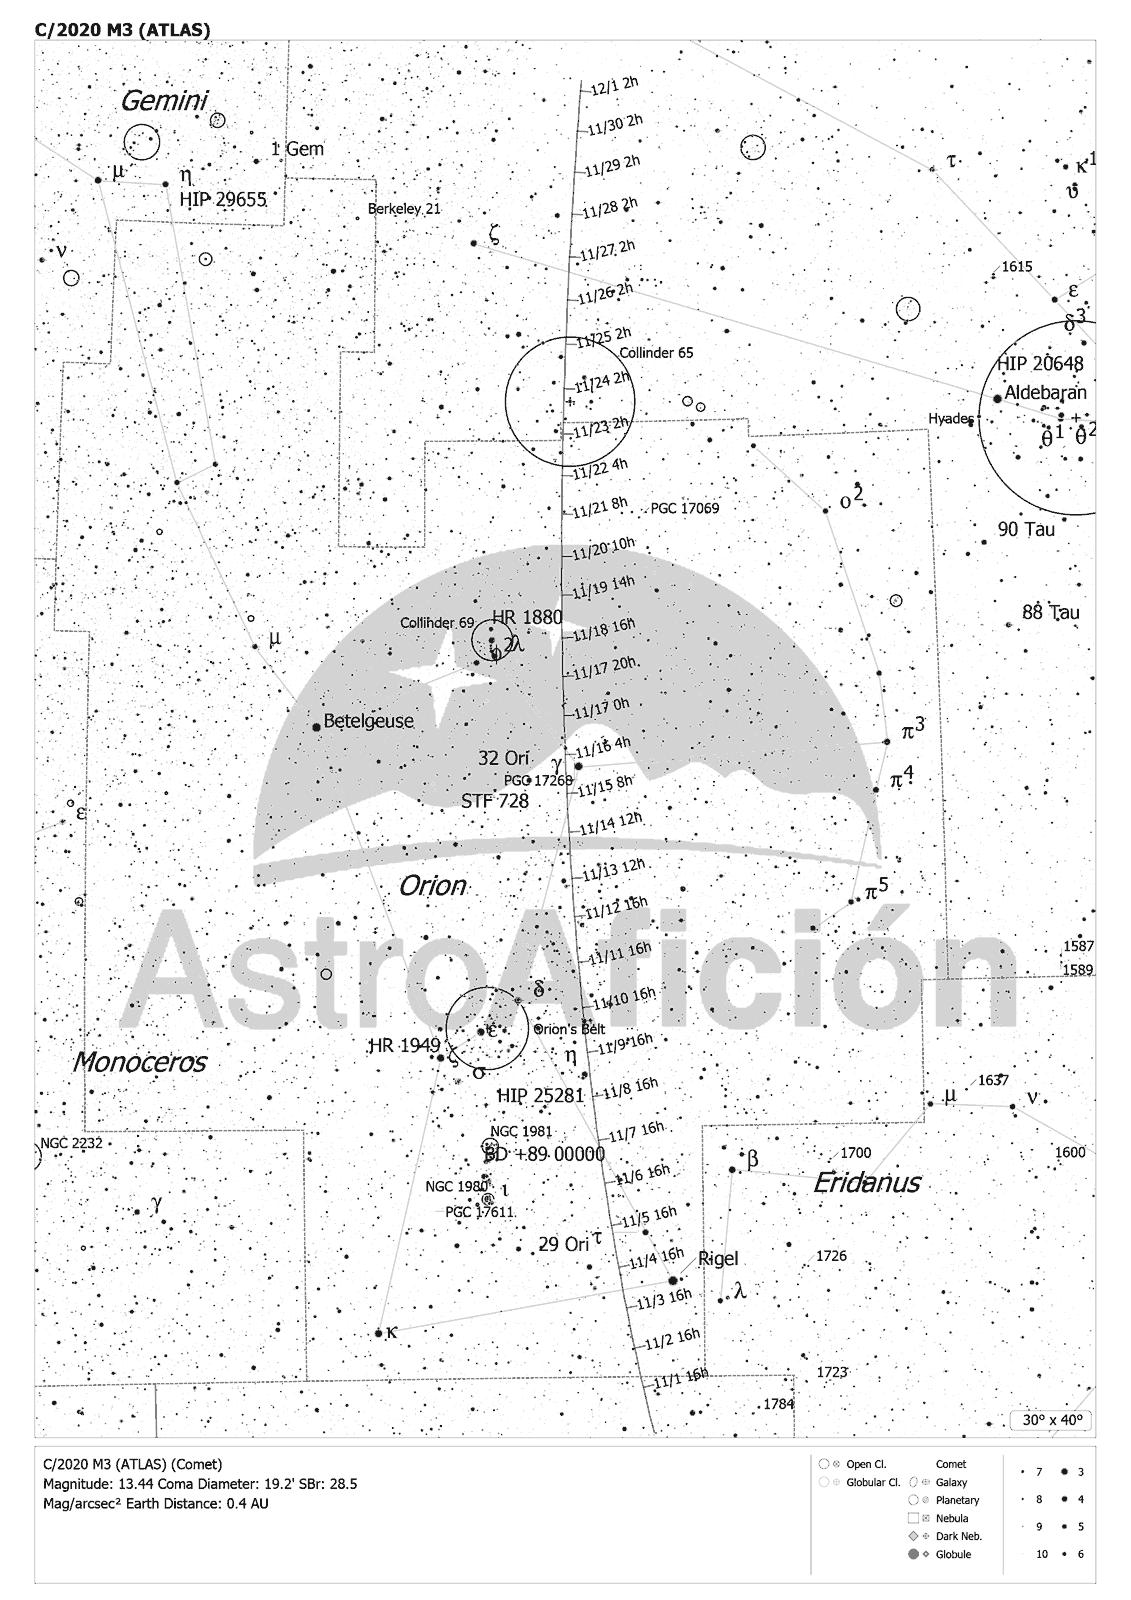 Localización del Cometa C/2020 M3 (ATLAS) en noviembre de 2020